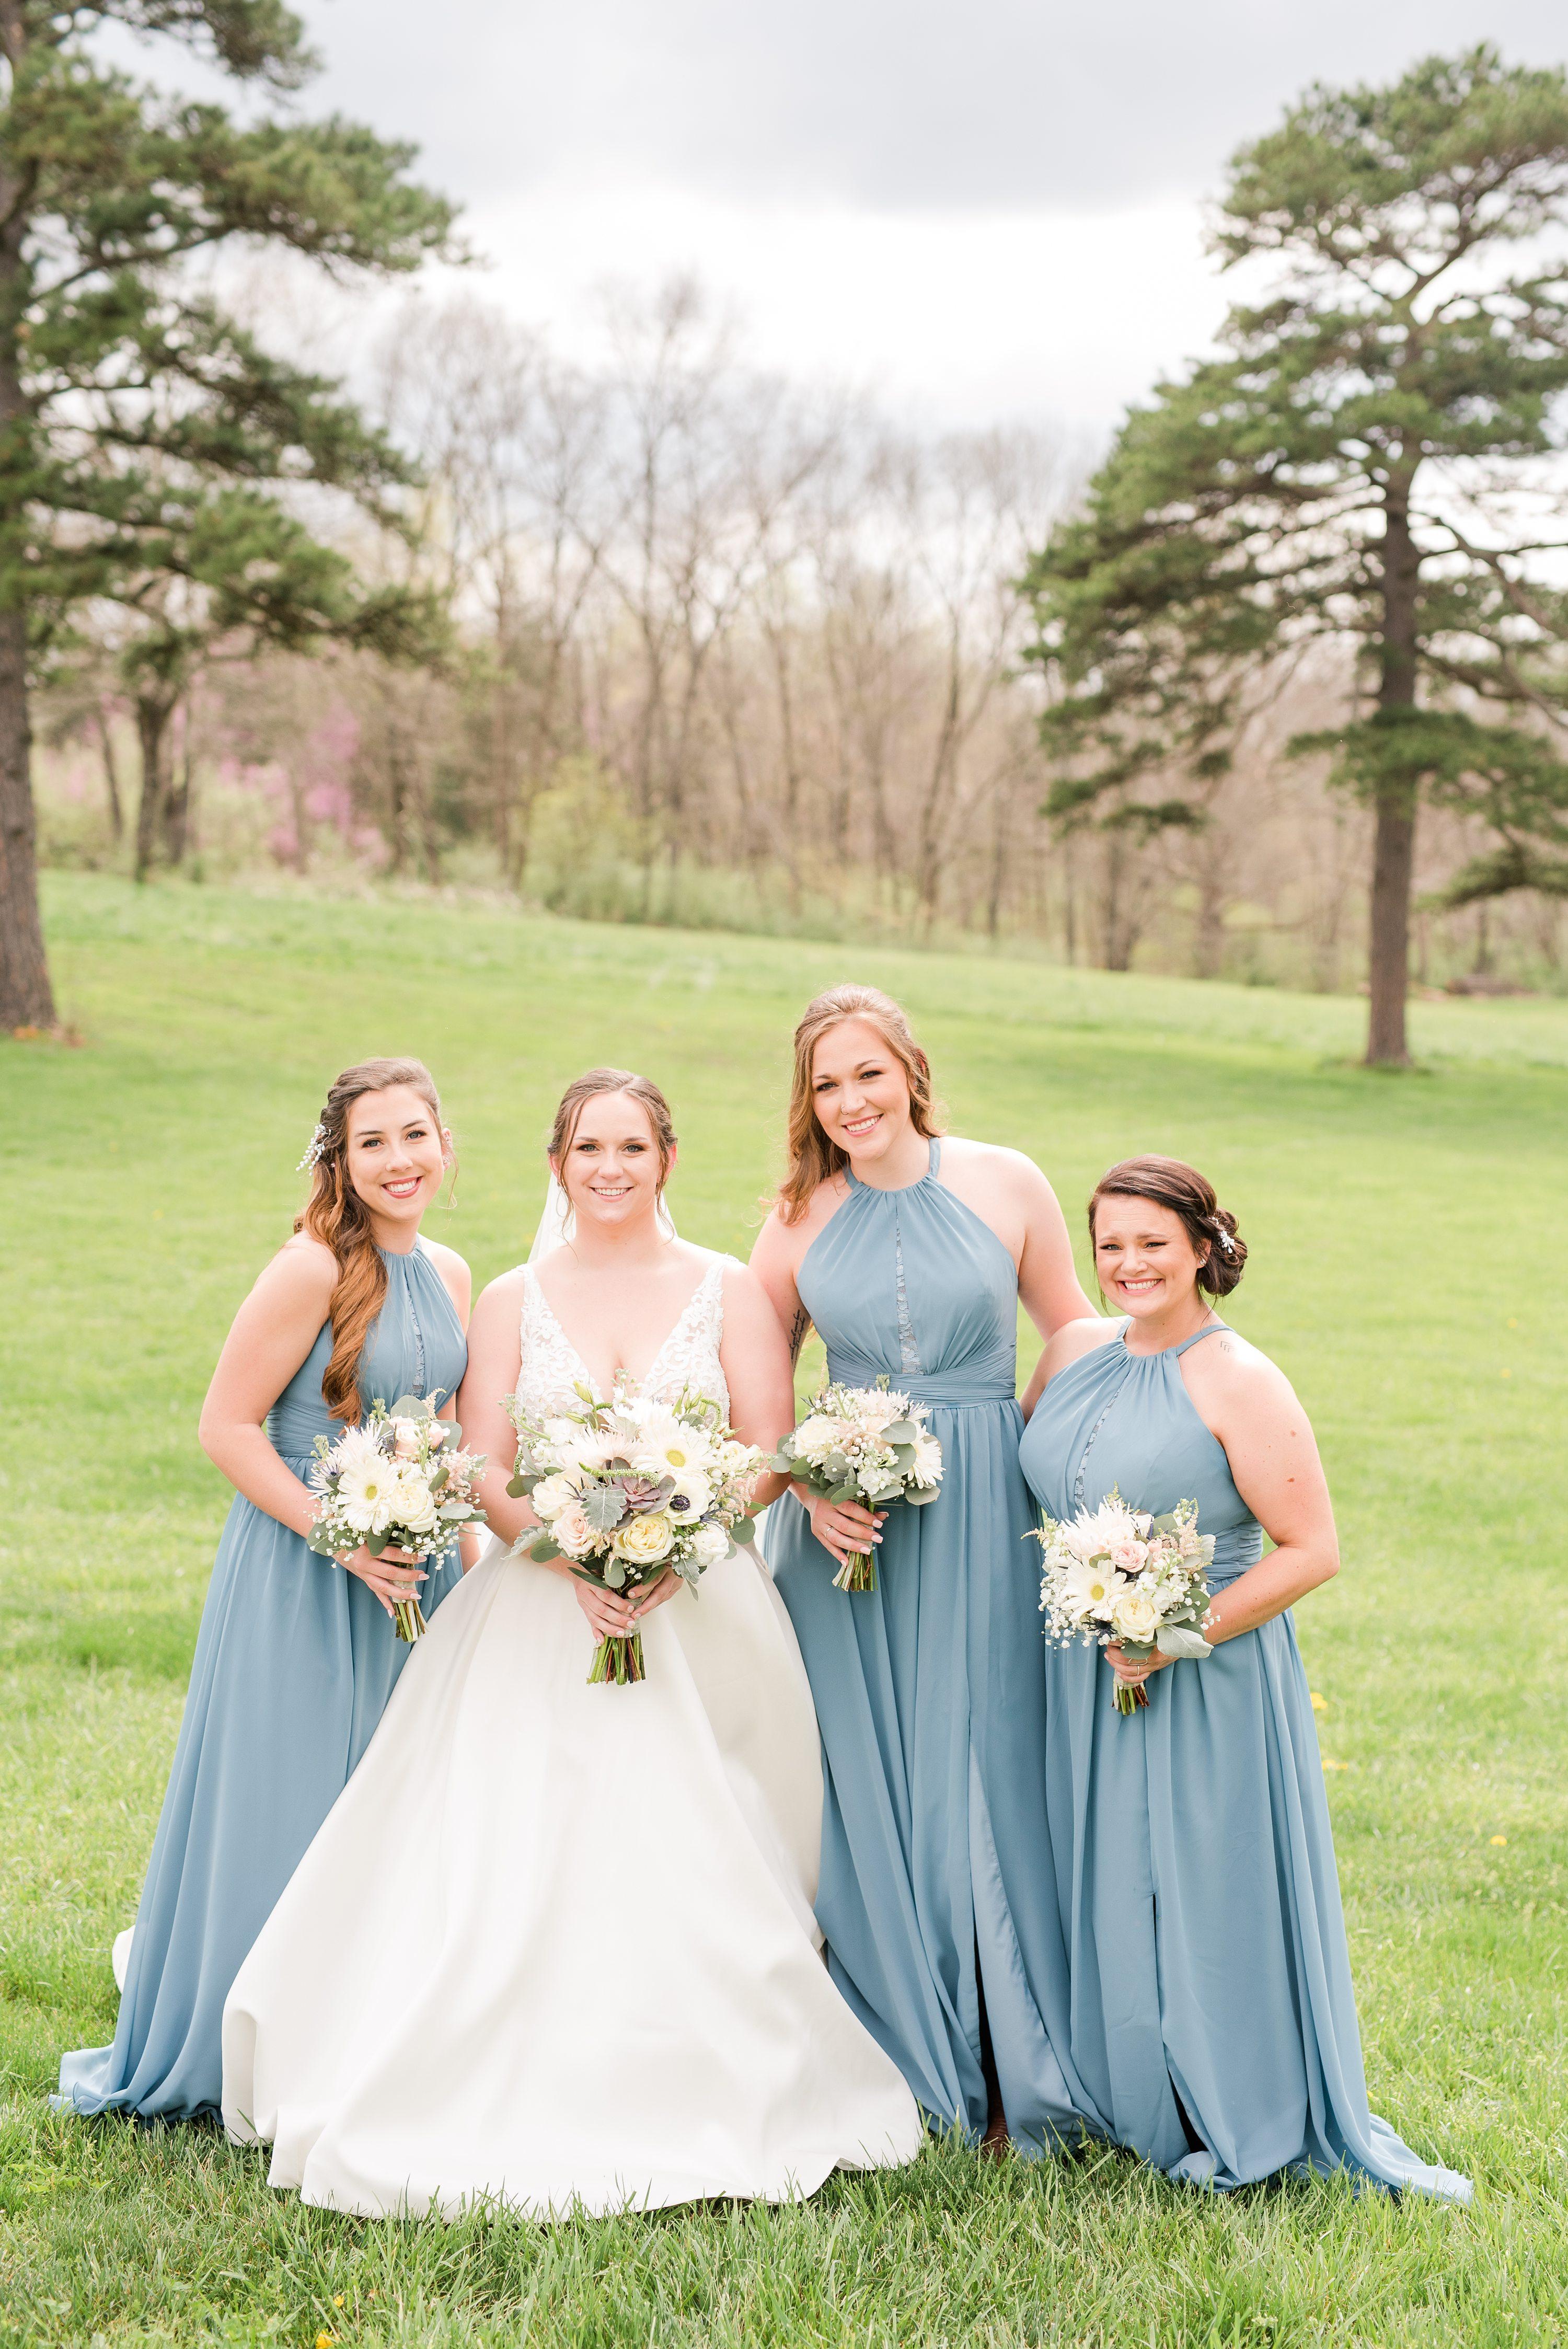 Barn Wedding,Barn at Edgewood,Barn at Edgewood,bride and bridesmaids,bridesmaids,bride,edgewood barn